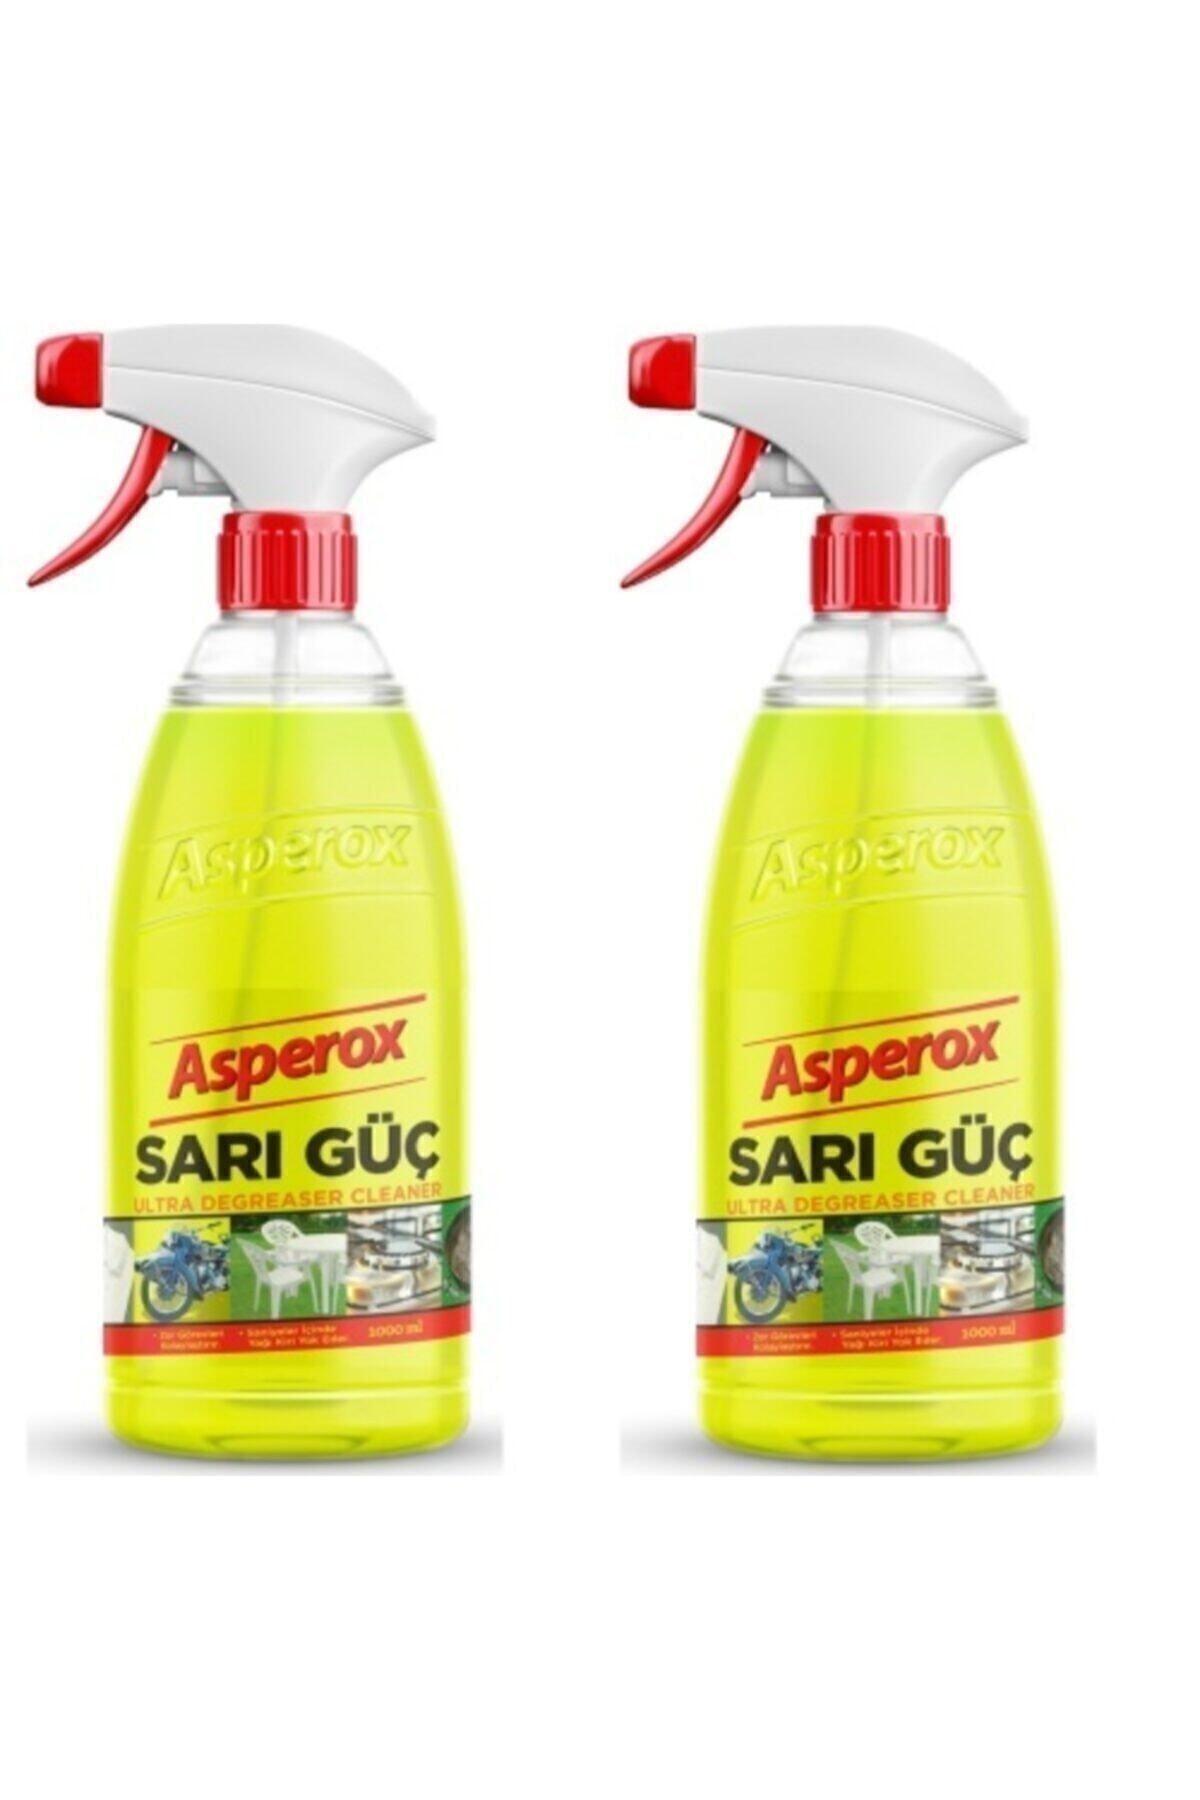 ASPEROX Sarı Güç Sprey 1000 ml X 2'li 1